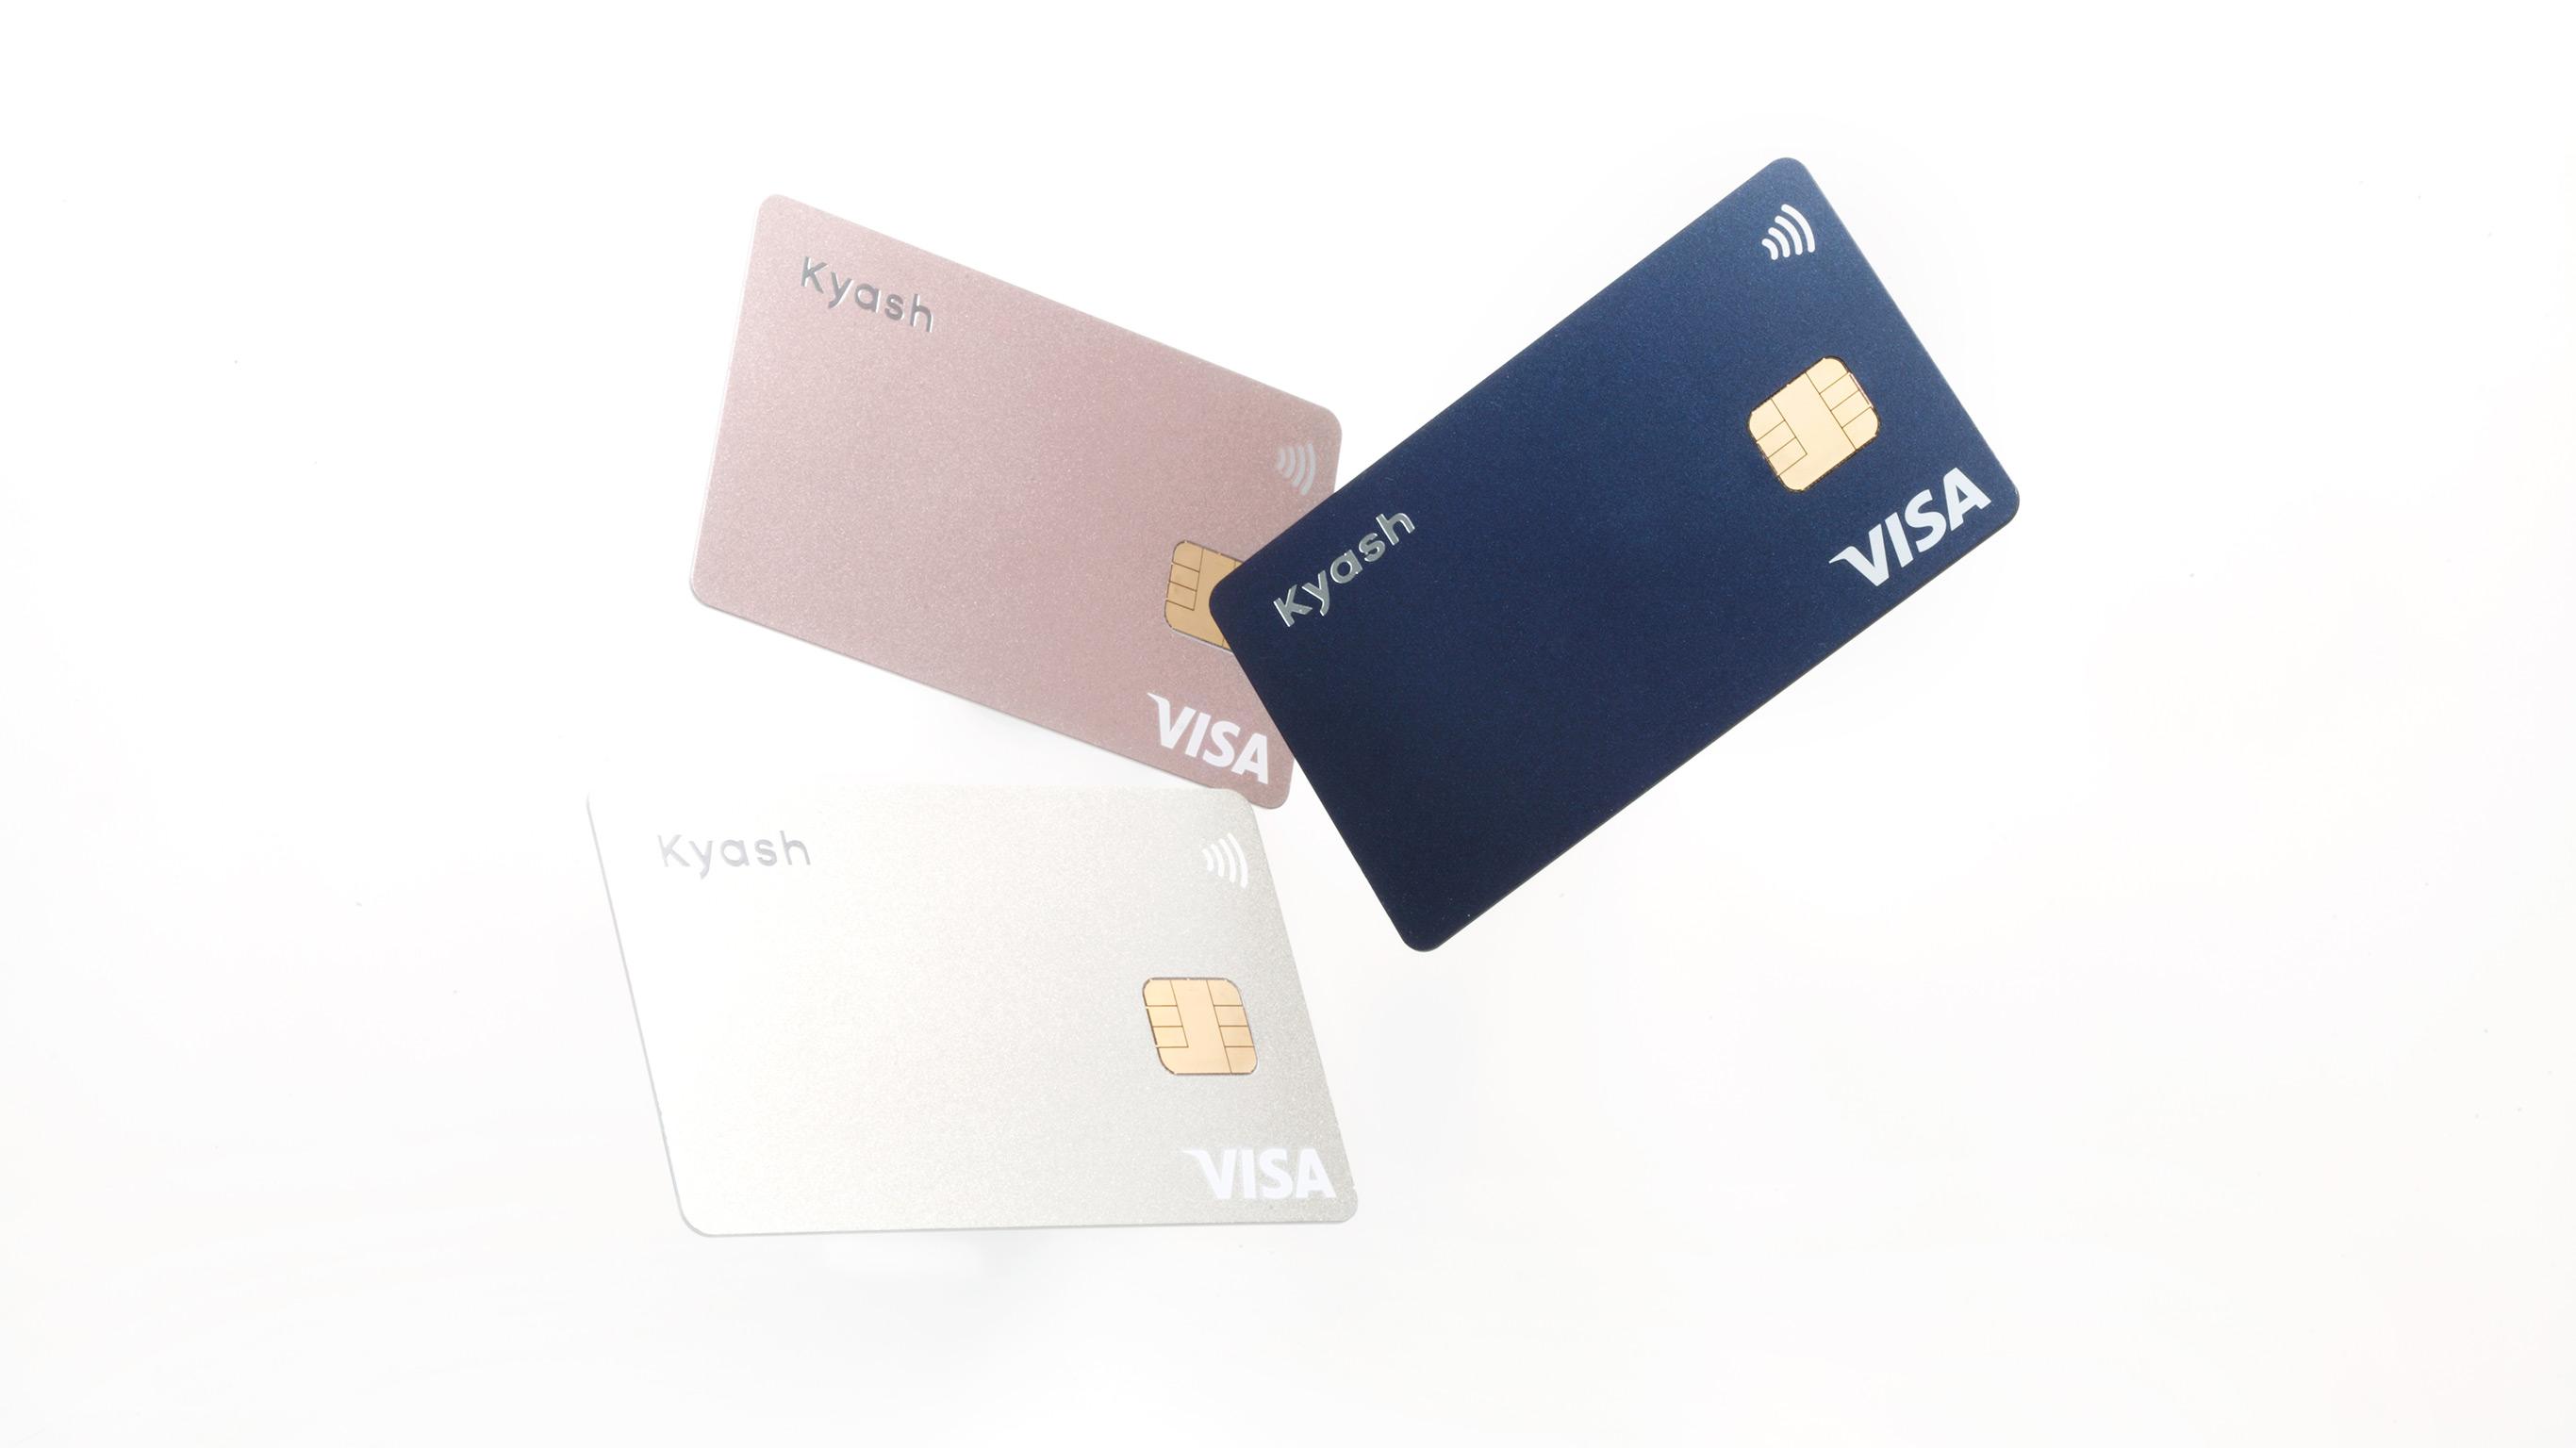 最もシンプルなデザインのVisaカード Kyash Card - Kyash(キャッシュ)